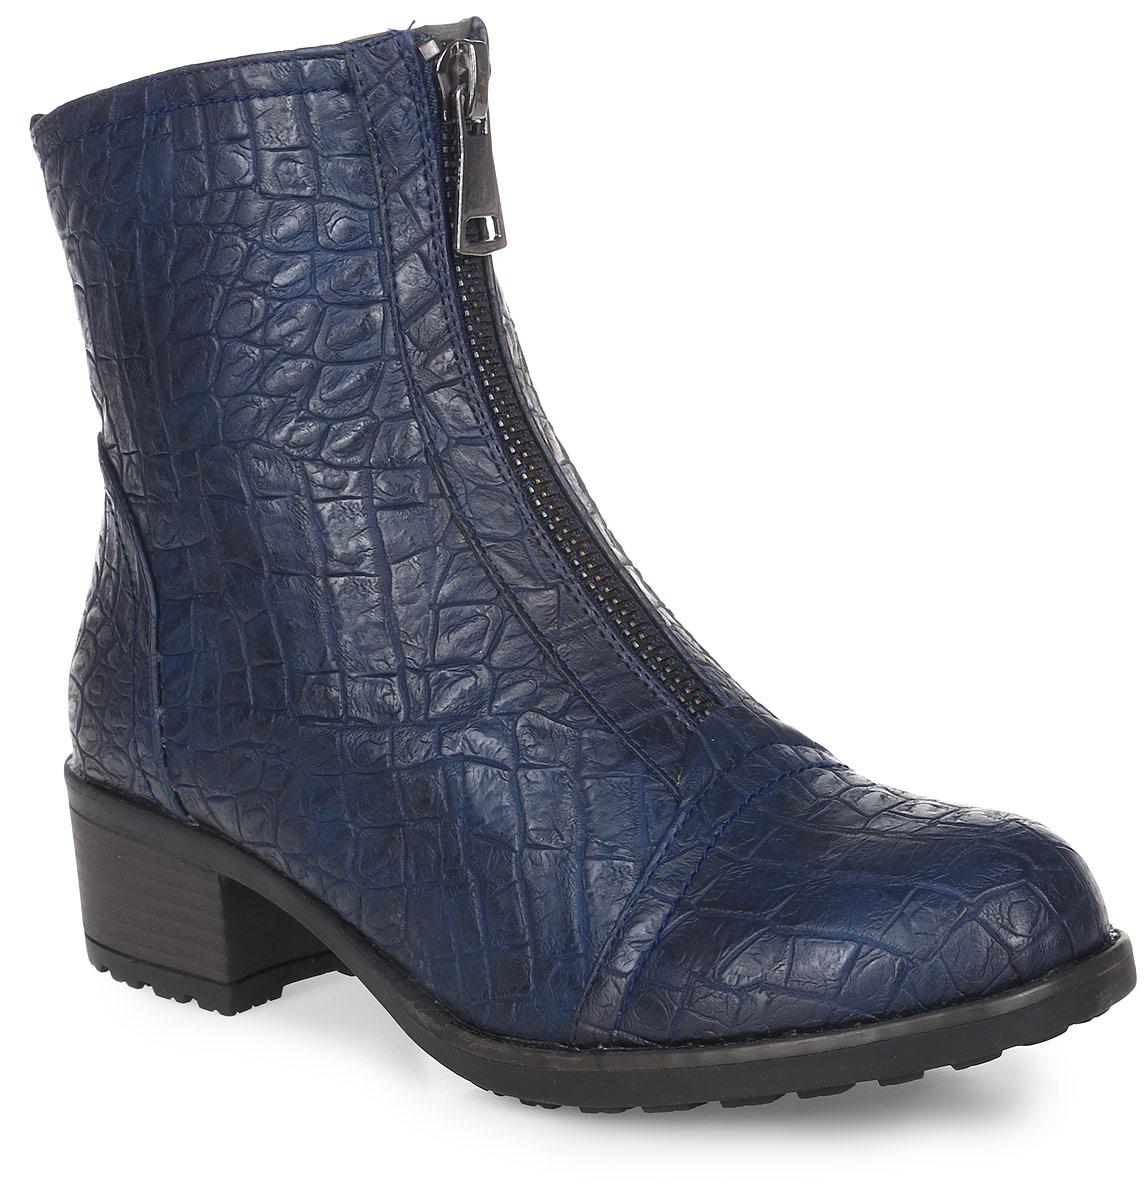 Ботинки женские Avenir, цвет: темно-синий. 2323-VI62109T. Размер 372323-VI62109TМодные ботинки от Avenir займут достойное место в вашем гардеробе. Модель выполнена из искусственной кожи и декорирована перфорацией. Ботинки застегиваются спереди на застежку-молнию. Мягкая подкладка и стелька из байки сохраняют тепло, обеспечивая максимальный комфорт при движении. Рифленая поверхность каблука и подошвы защищает изделие от скольжения. Модные ботинки - незаменимая вещь в гардеробе любой женщины.